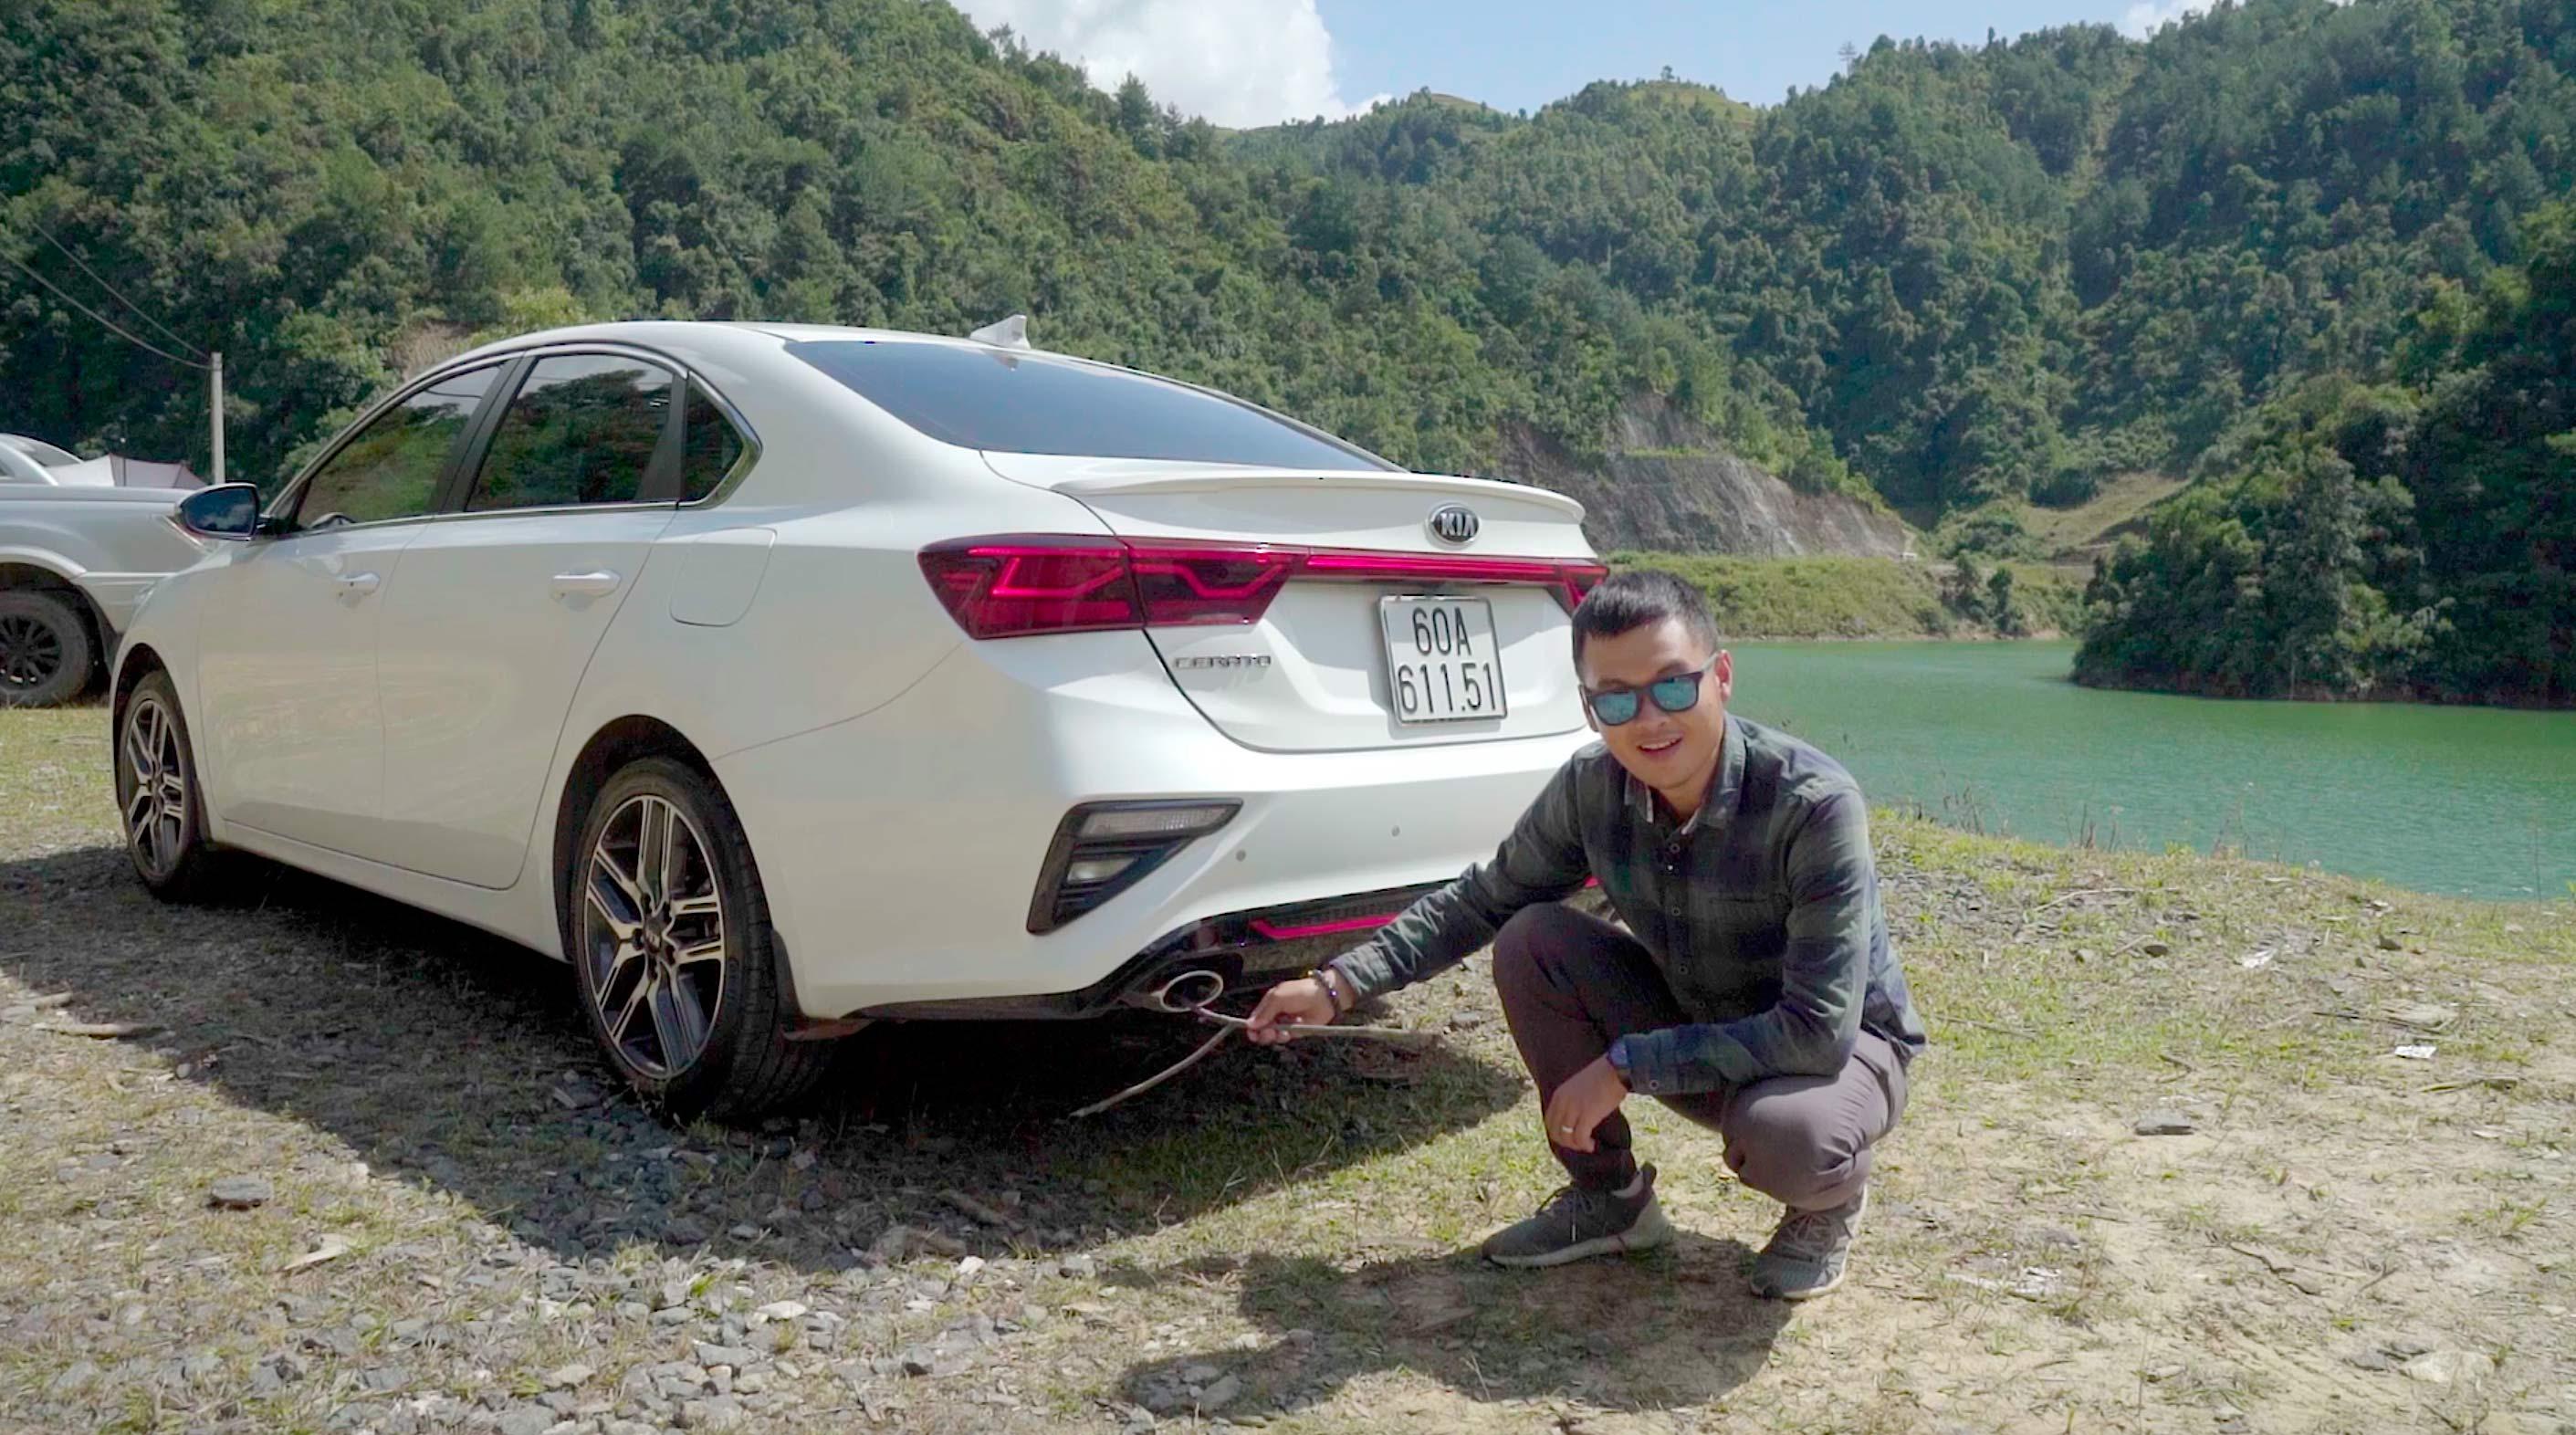 Đánh giá Kia Cerato 2.0AT Premium 2019: Đẹp, giá hợp lý